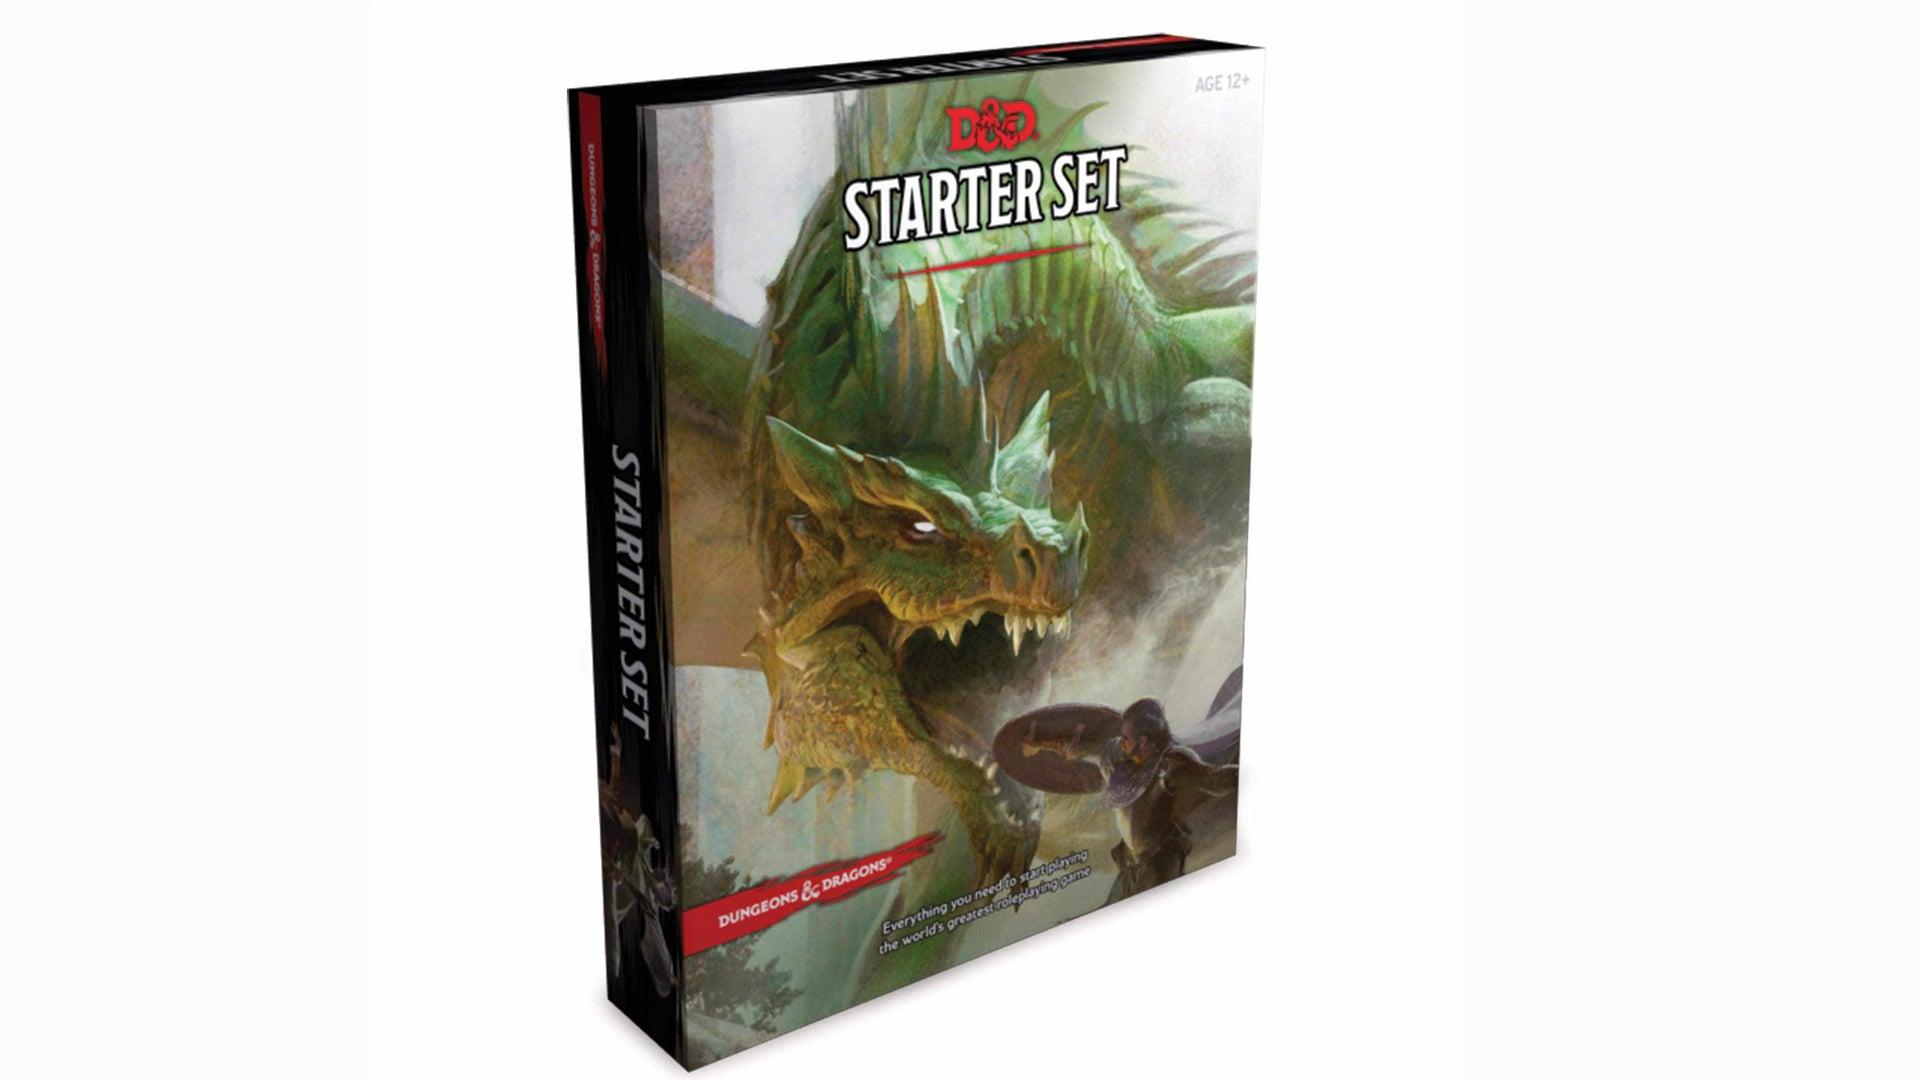 Dungeons & Dragons Starter Set front artwork